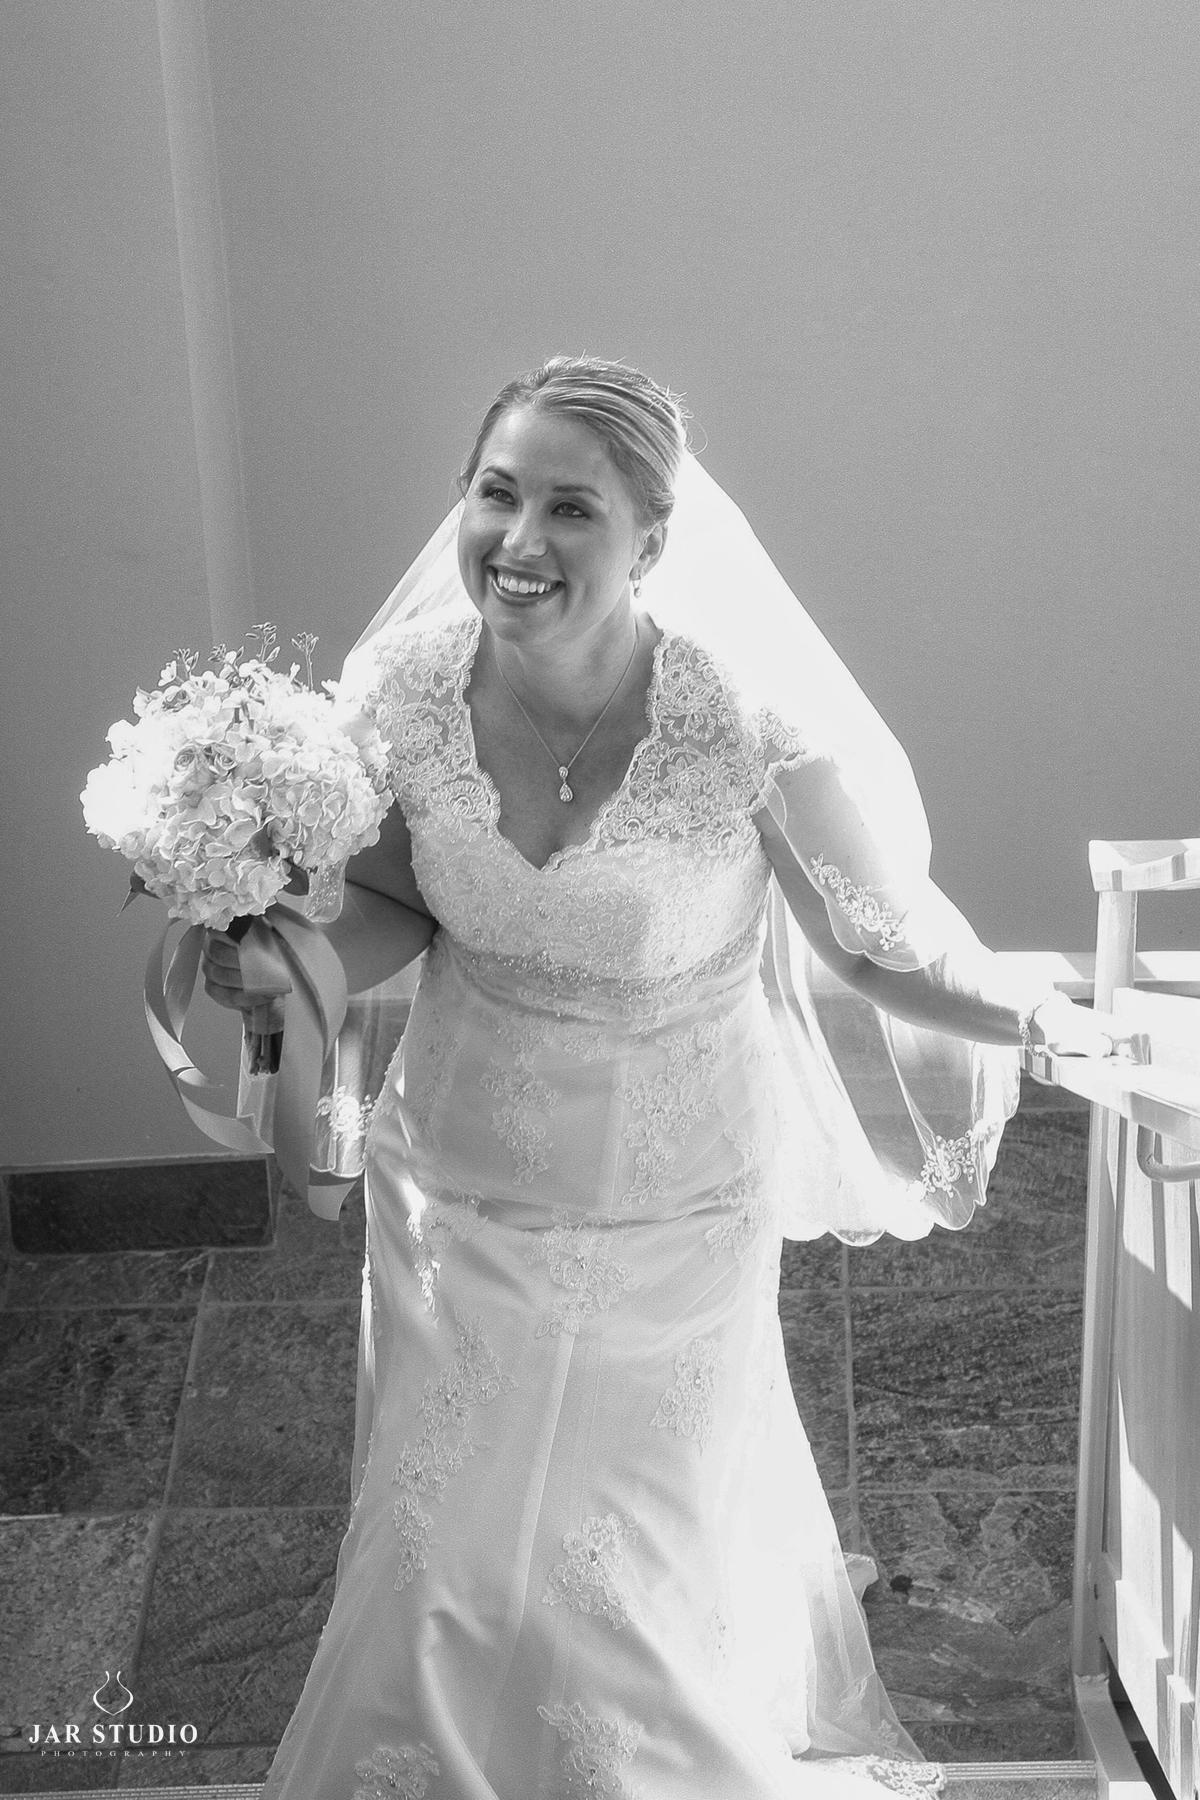 13-happy-bride-her-wedding-day-beautiful-dress-jarstudio.jpg